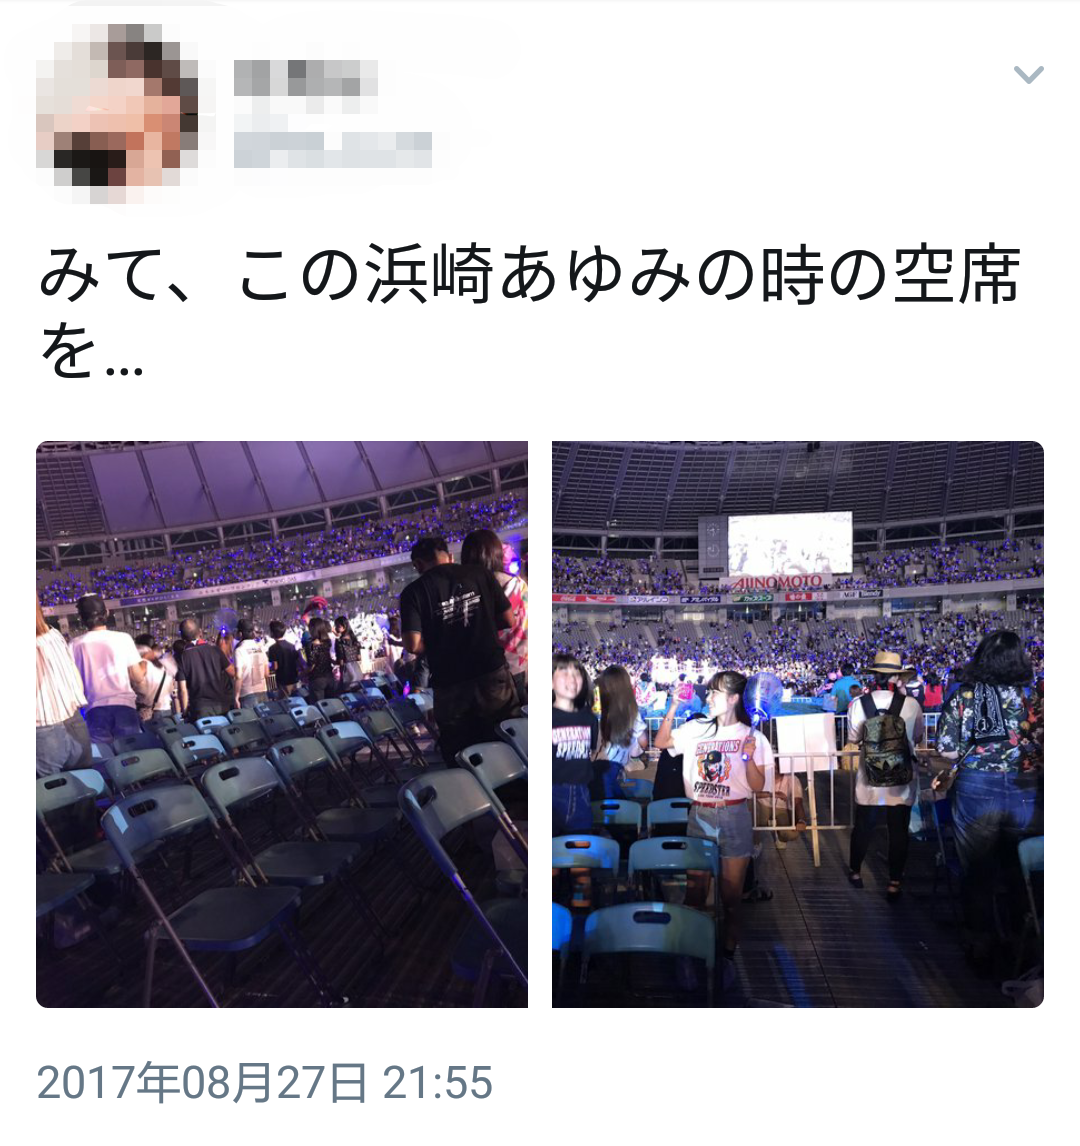 ライブが空席祭りだった歌手